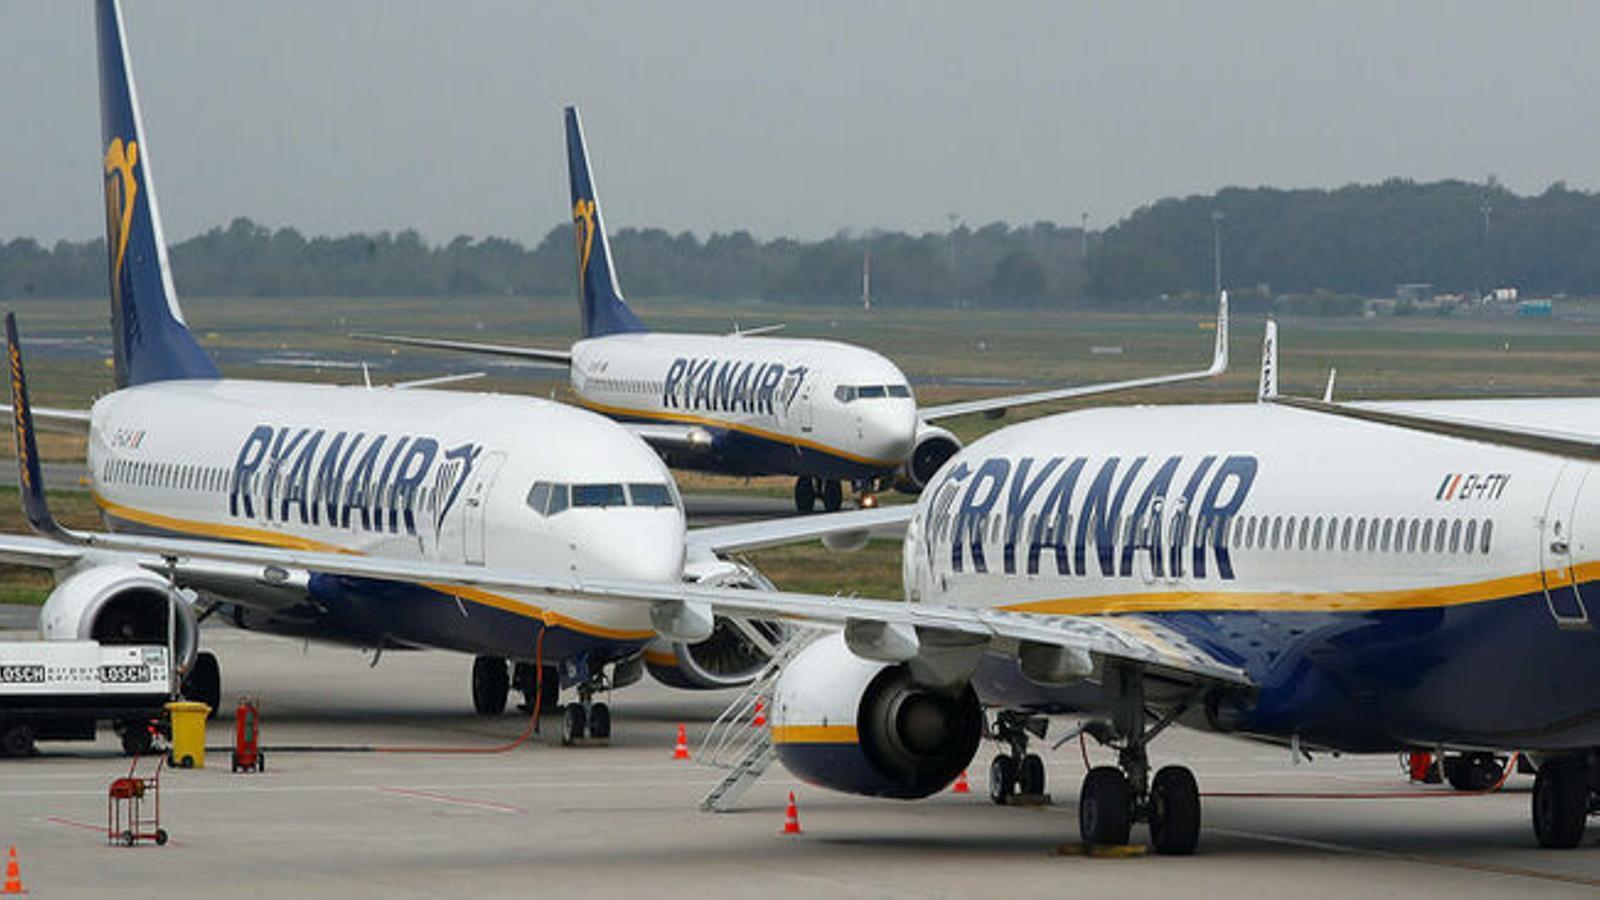 Sanció a Ryanair de 44.000 euros per vulnerar el dret a la vaga